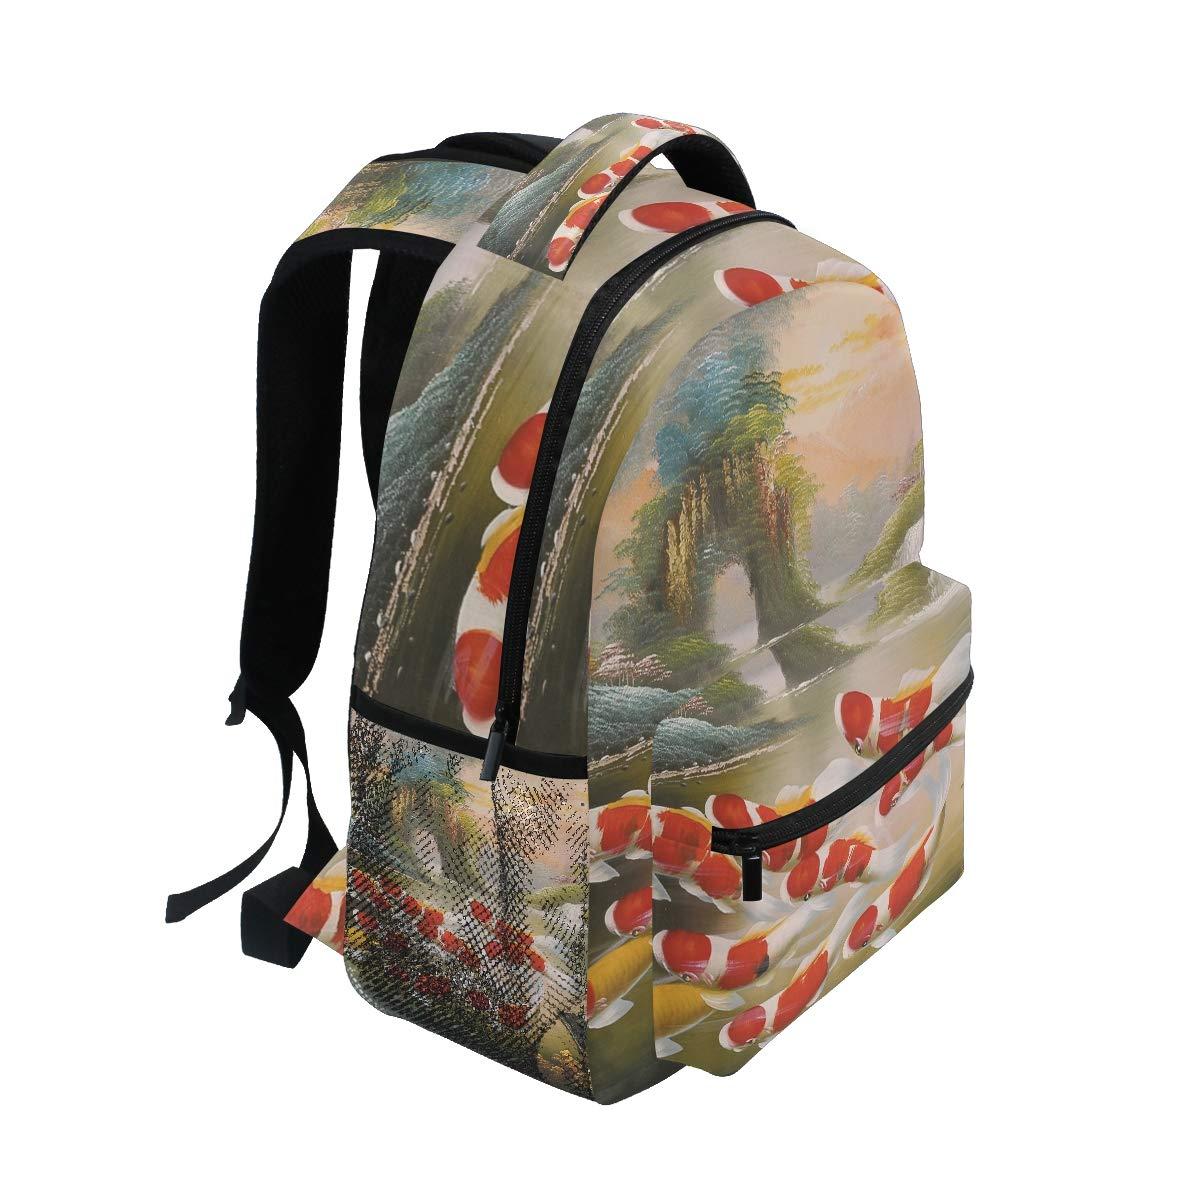 free shipping 67ea1 e222e Backpacks & Bags DEZIRO Swimming Koi Carps School Pack ...